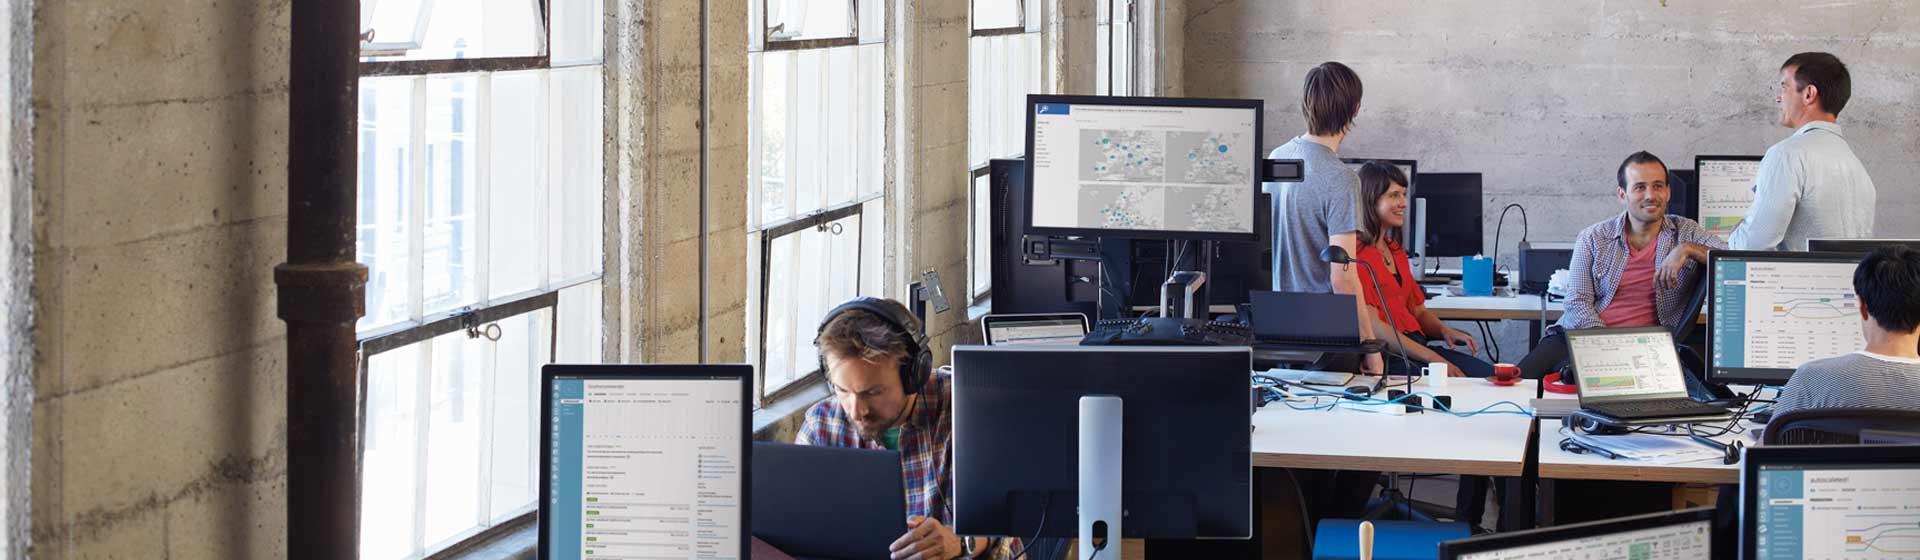 办公室里一群同事或坐或站在办公桌旁,办公室的电脑都运行着 Office 365